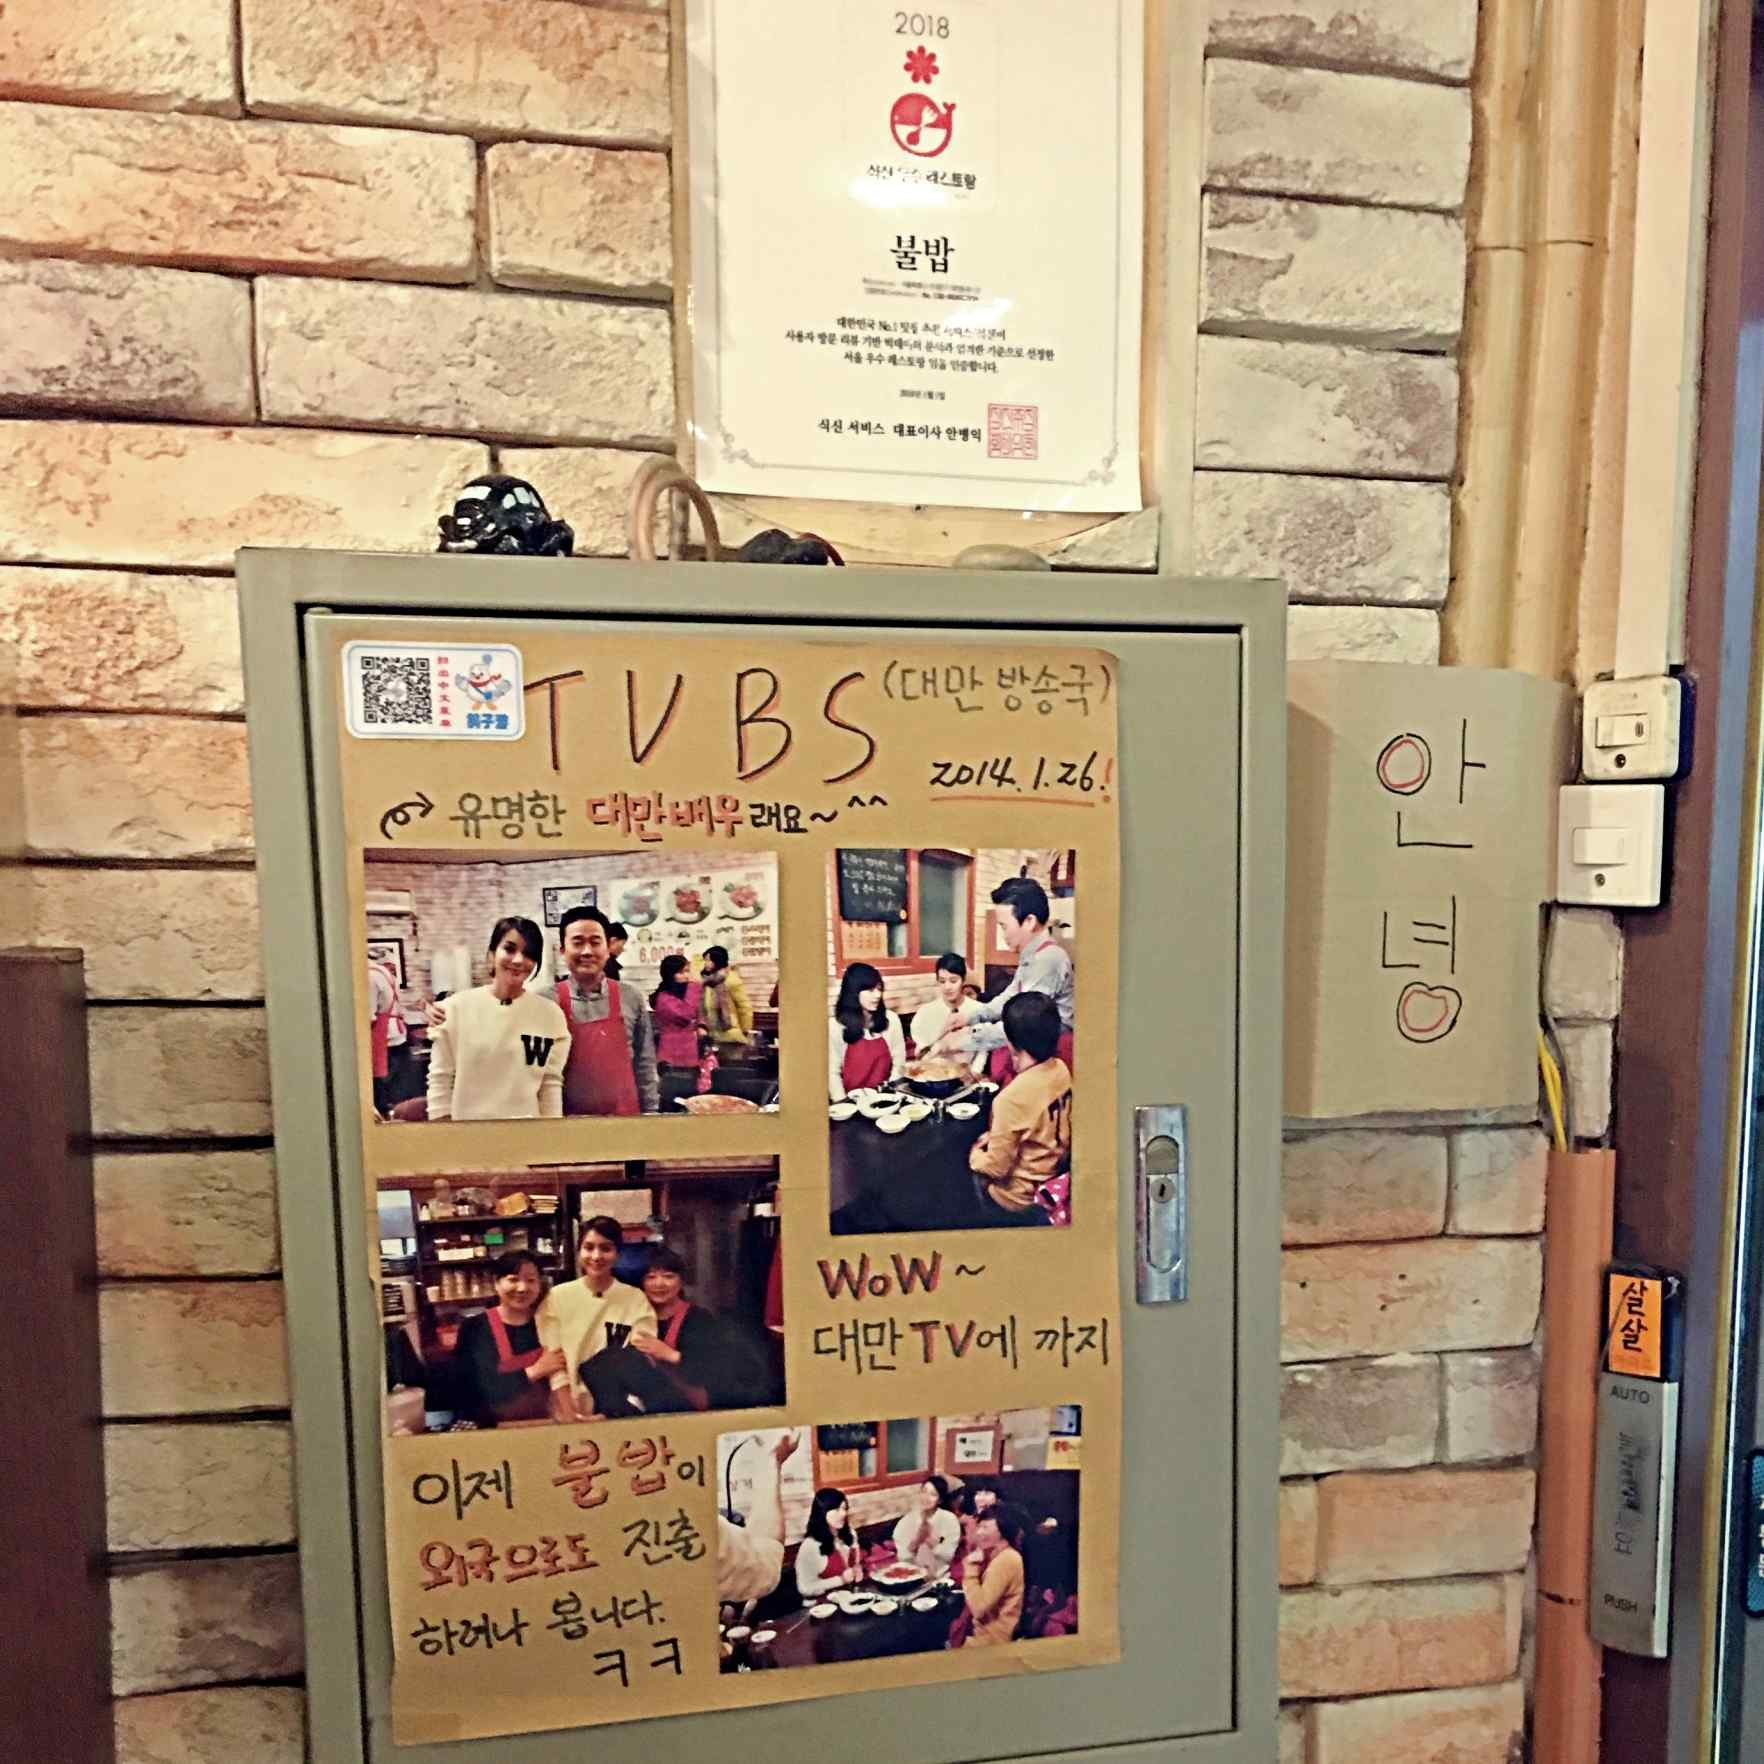 台灣電視台也有來採訪過。